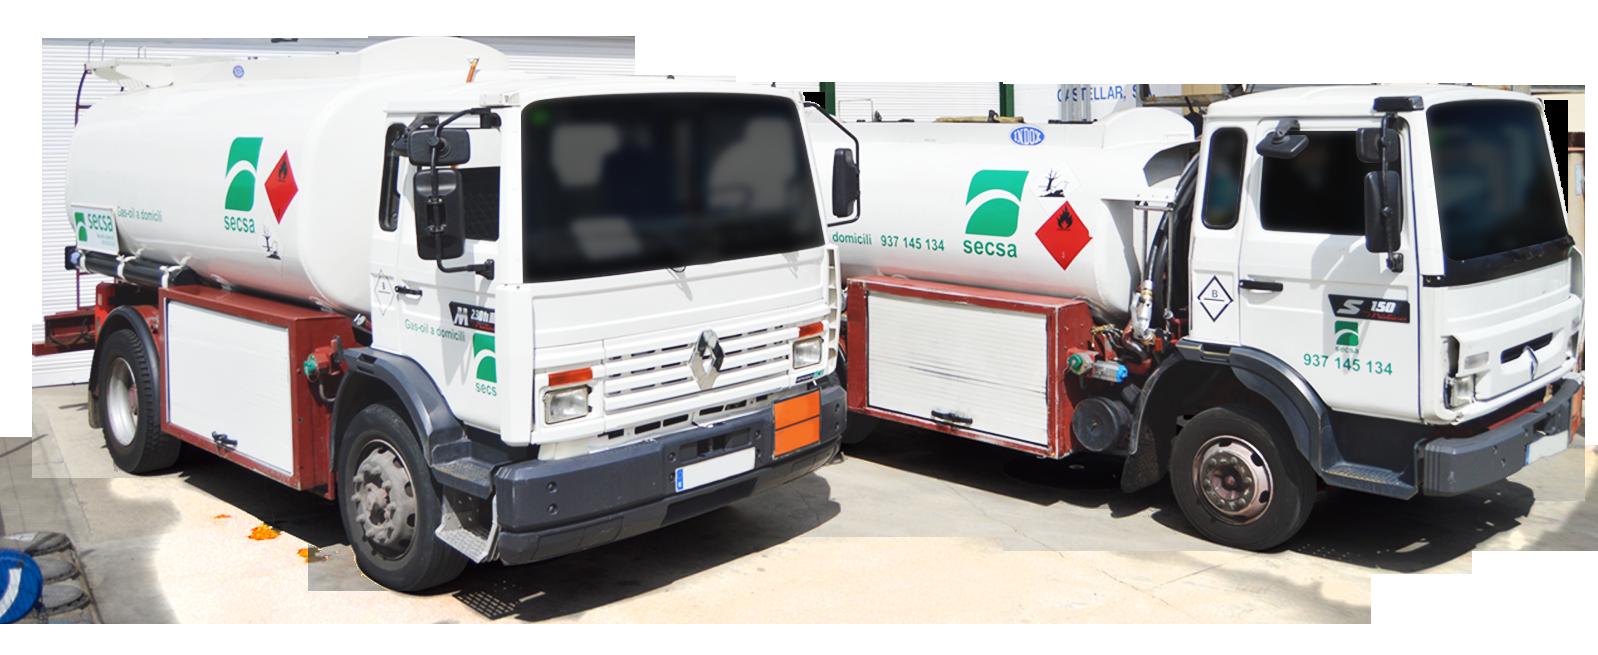 Cubes de combustibles servei 24h - Gasoil a domicili - SECSA